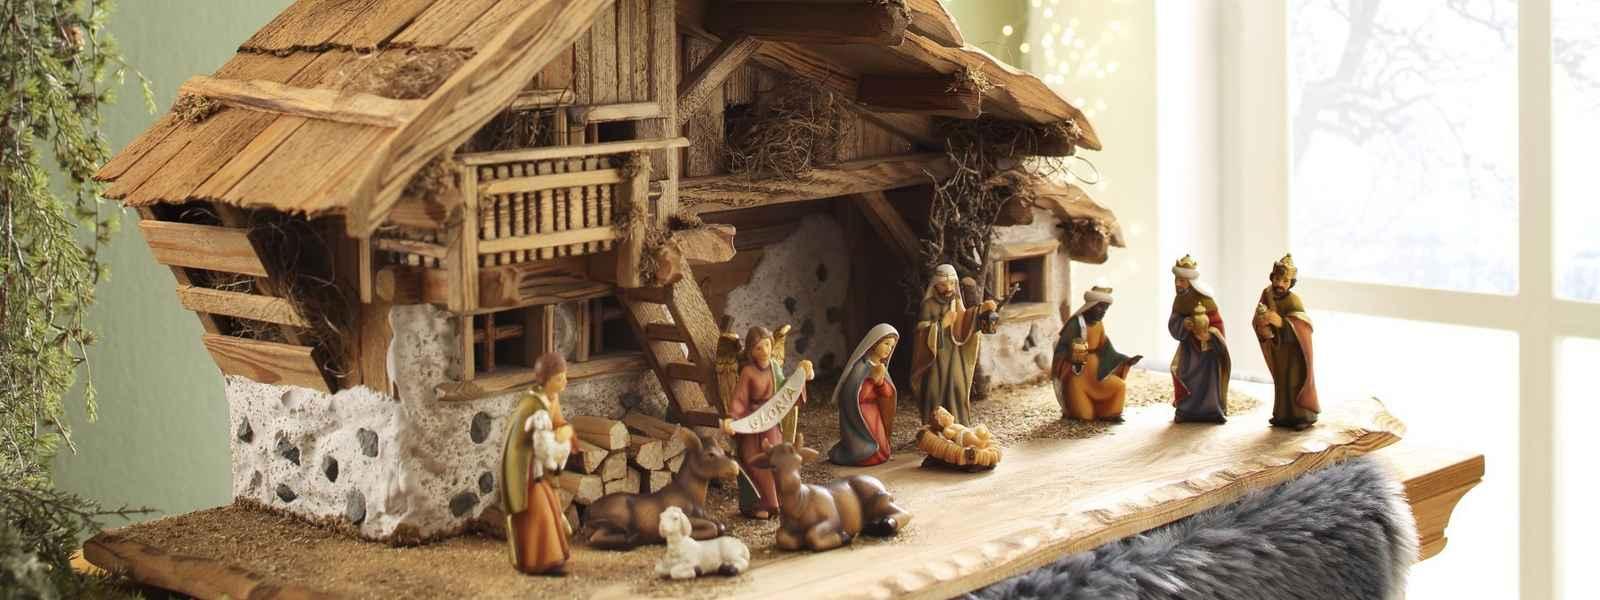 (und.(ist.anlass.weihnachten).(ist.sortiment.basteln.beleuchtung.dekoration.haushaltswaren.heimtextilien.medien.schreibwaren).(~.(v.1)))